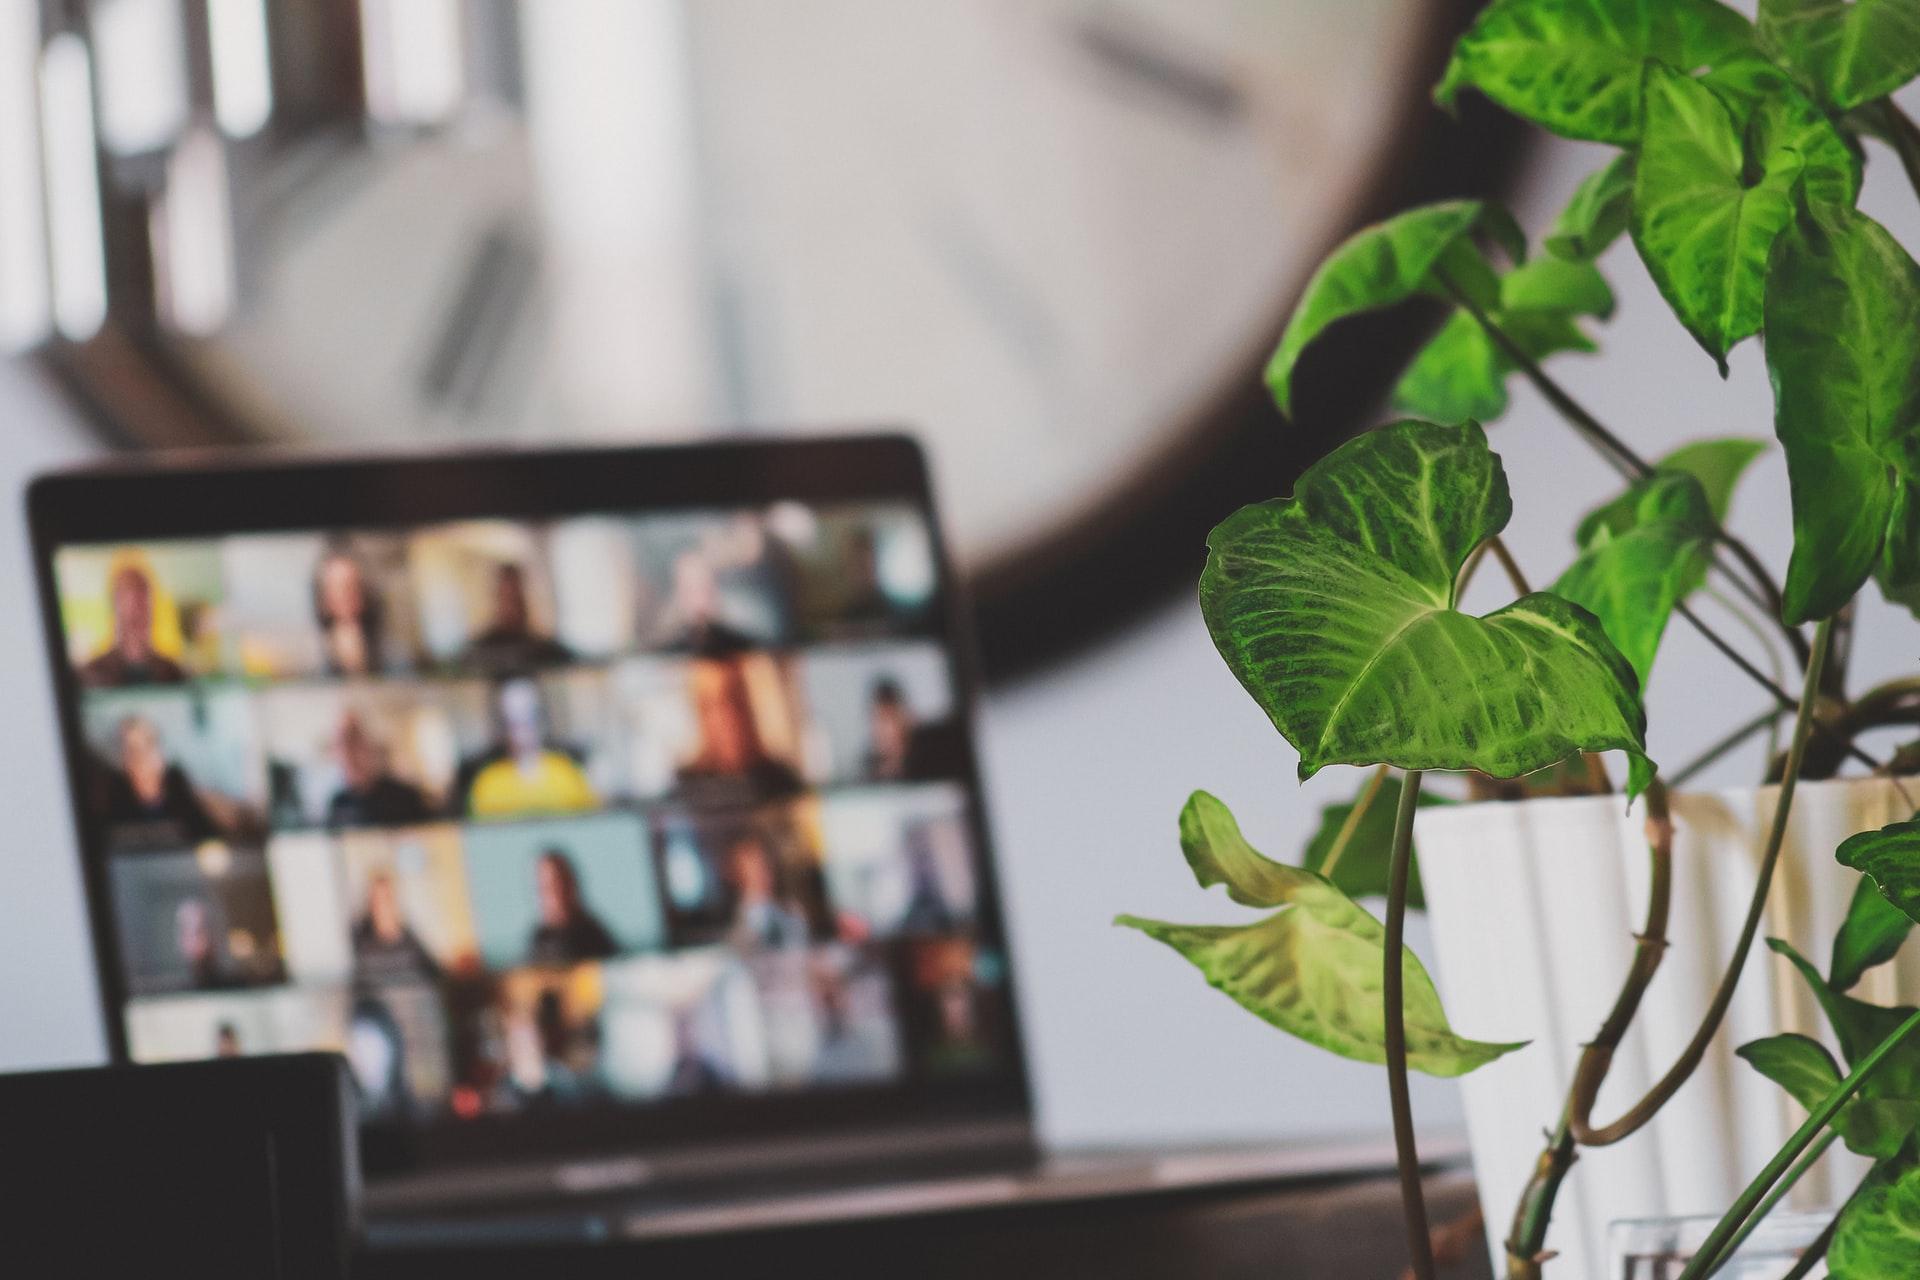 Launching Produk: Webinar Jadi Salah Satu Strategi Untuk Menarik Minat Konsumen